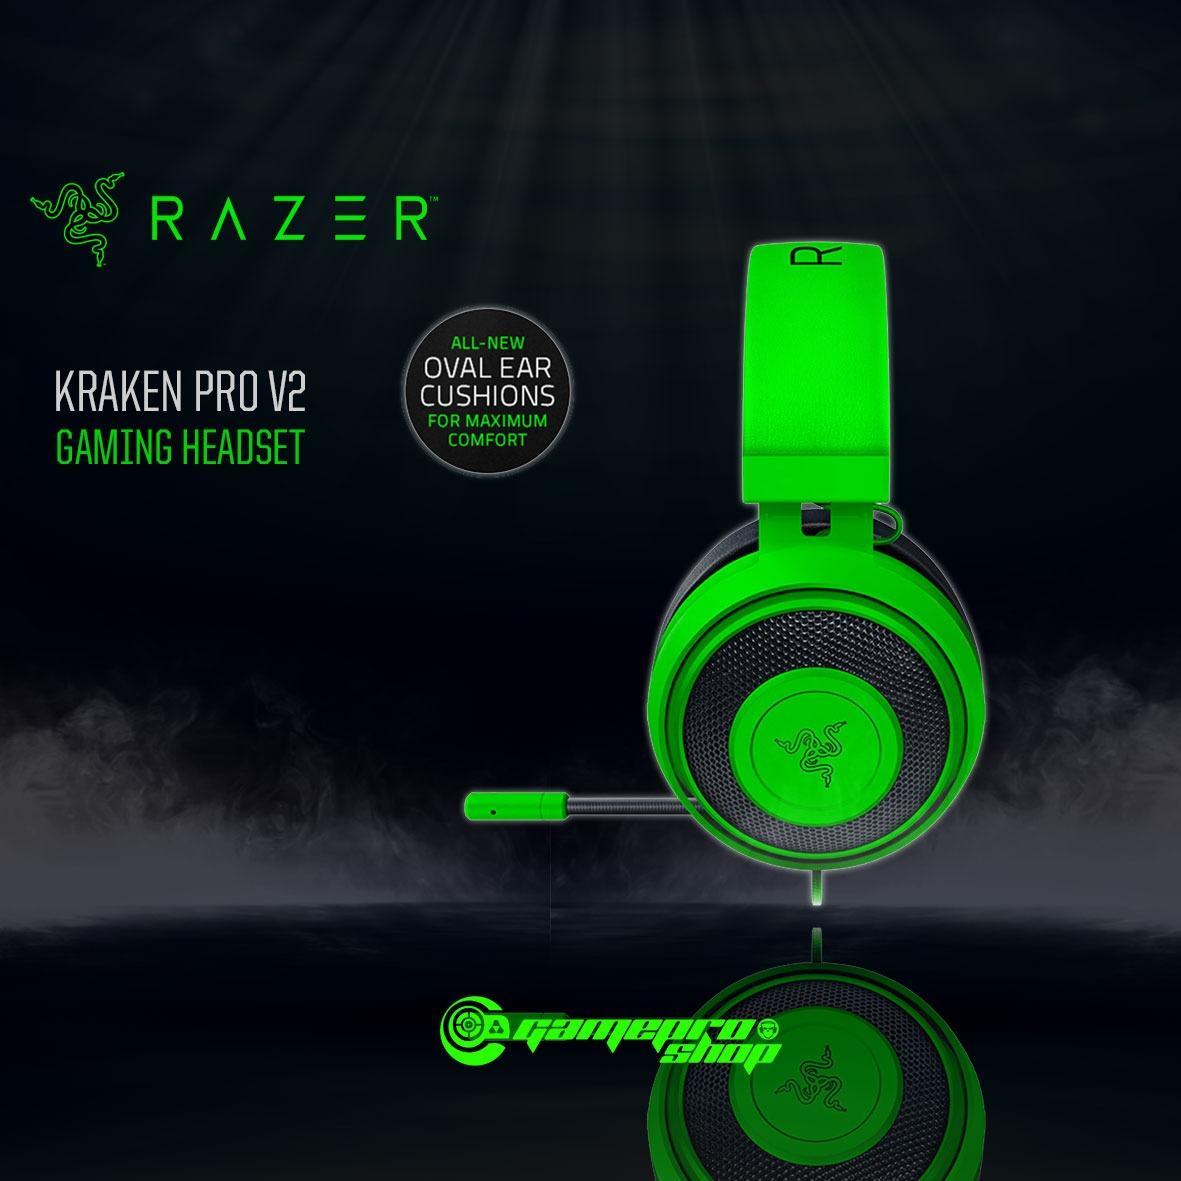 Retail Razer Kraken Pro V2 Gaming Headset Green Oval Ear Cushions Gss Promo